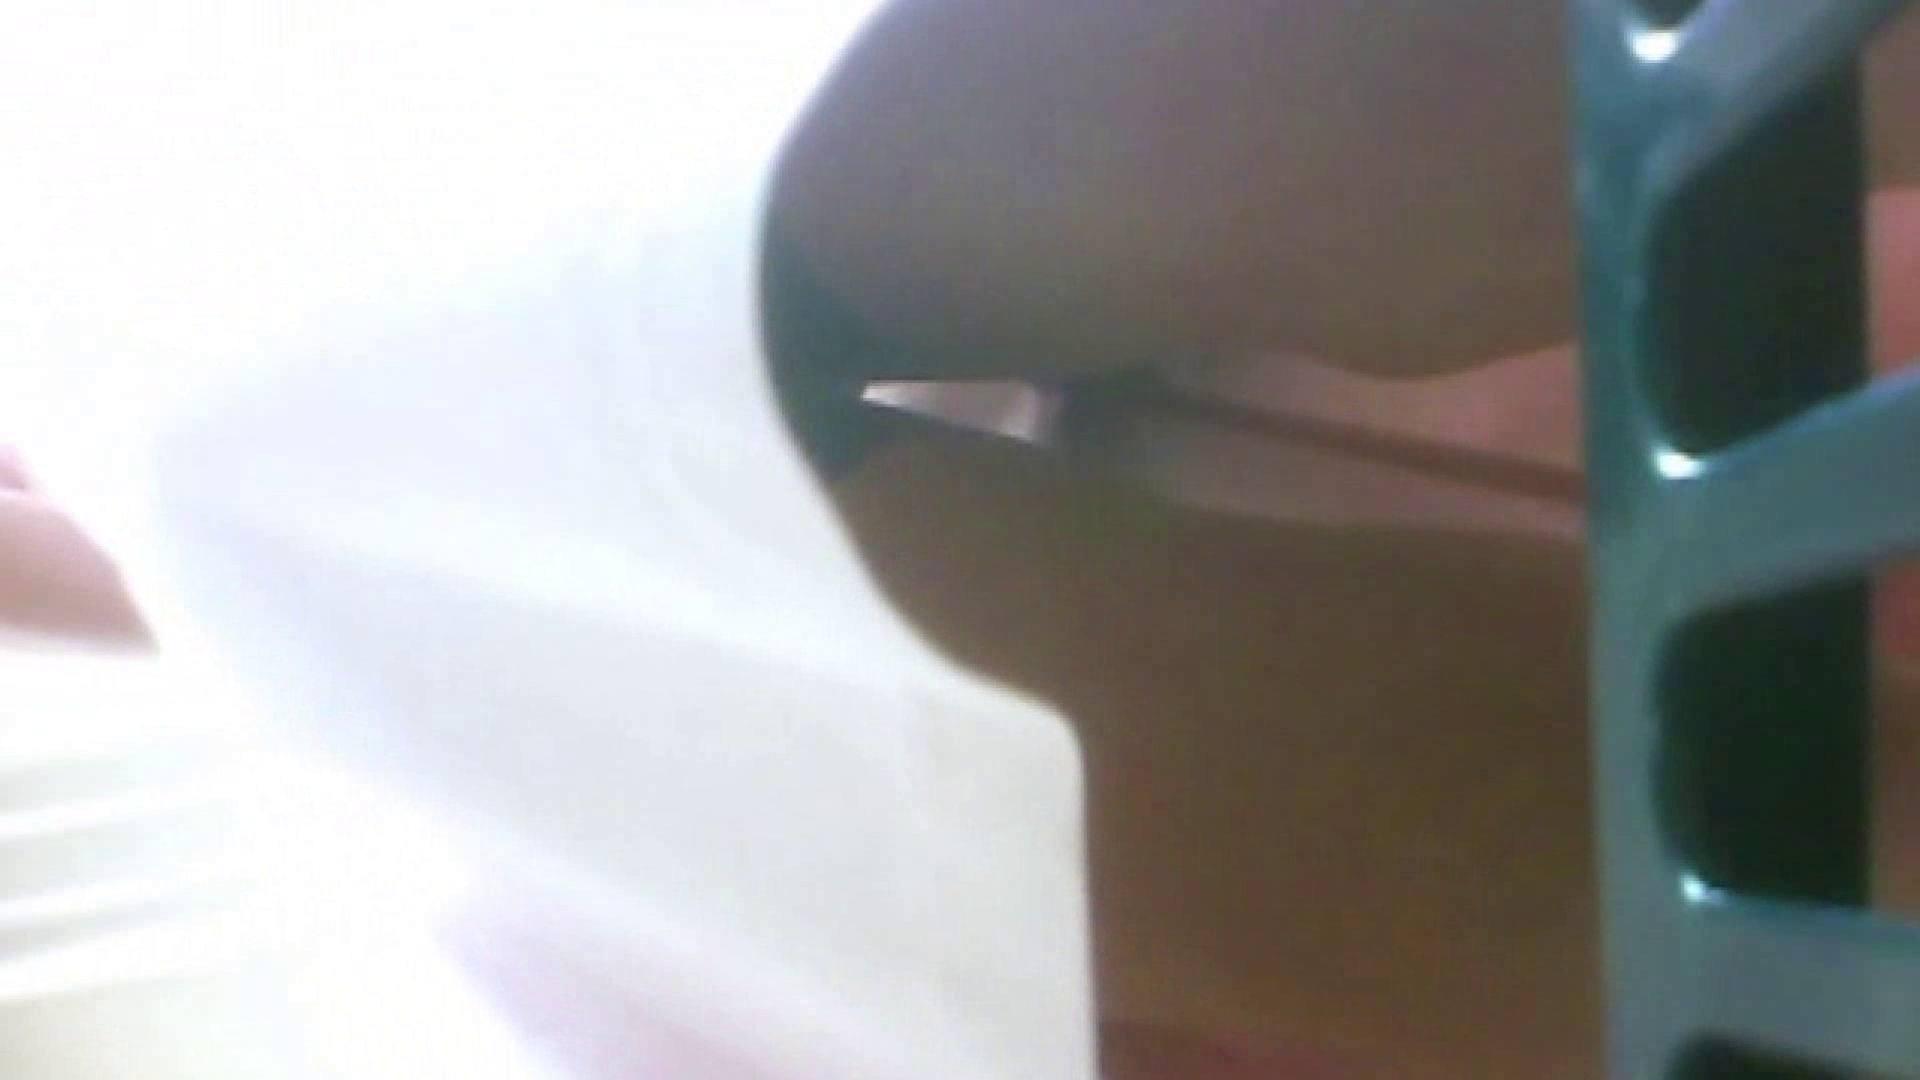 真剣に買い物中のgal達を上から下から狙います。vol.08 チラ系 盗撮画像 109pic 53